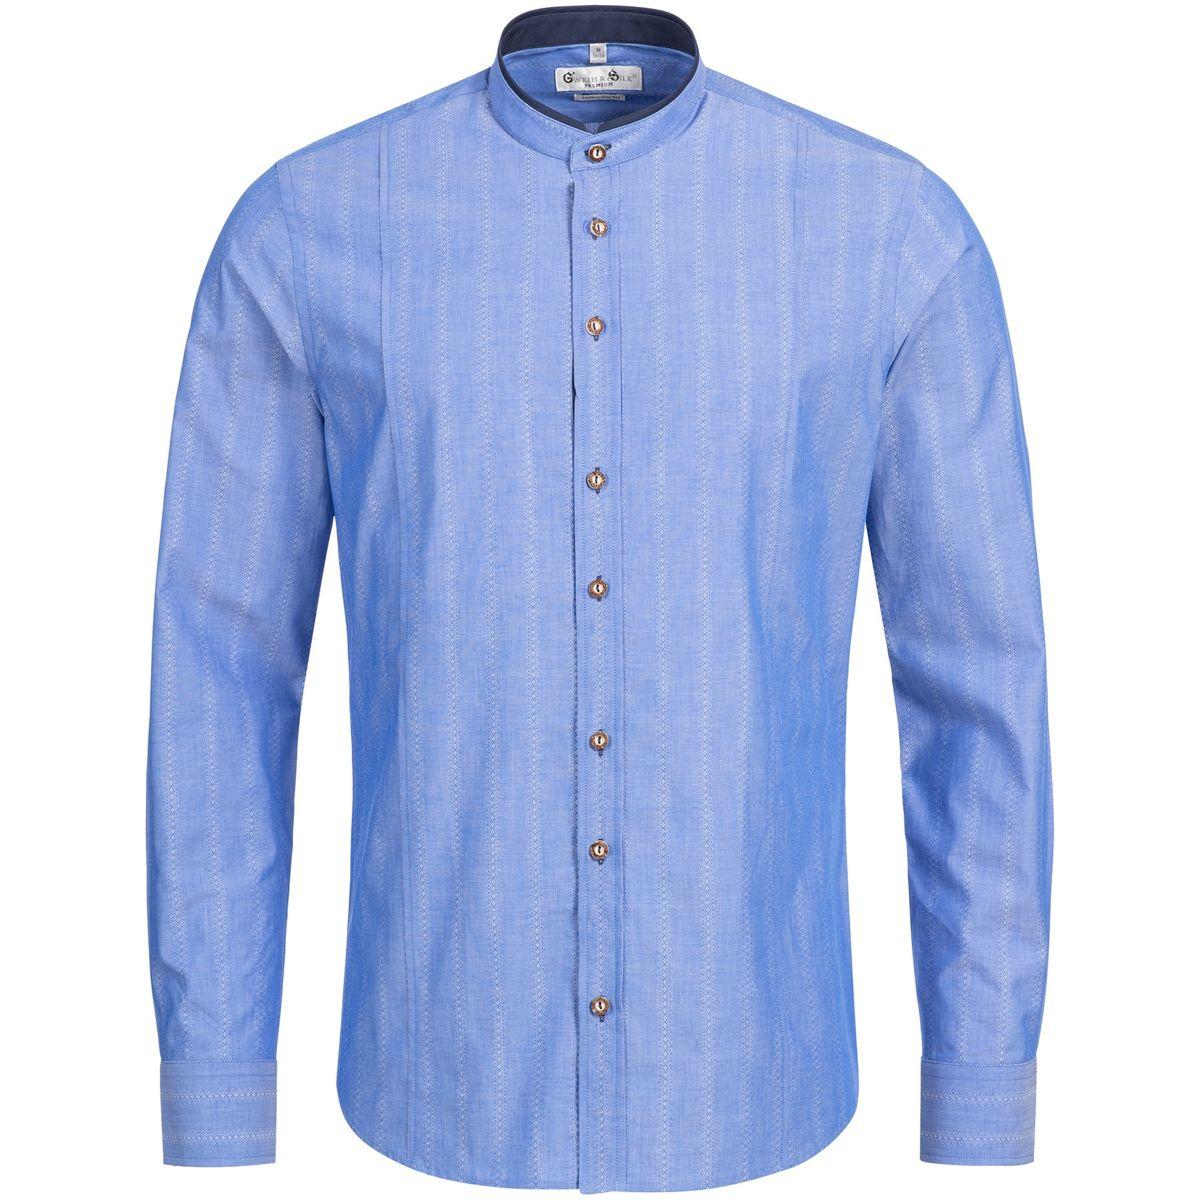 Trachtenhemd Body Fit Almsee in Blau von Gweih und Silk günstig online kaufen